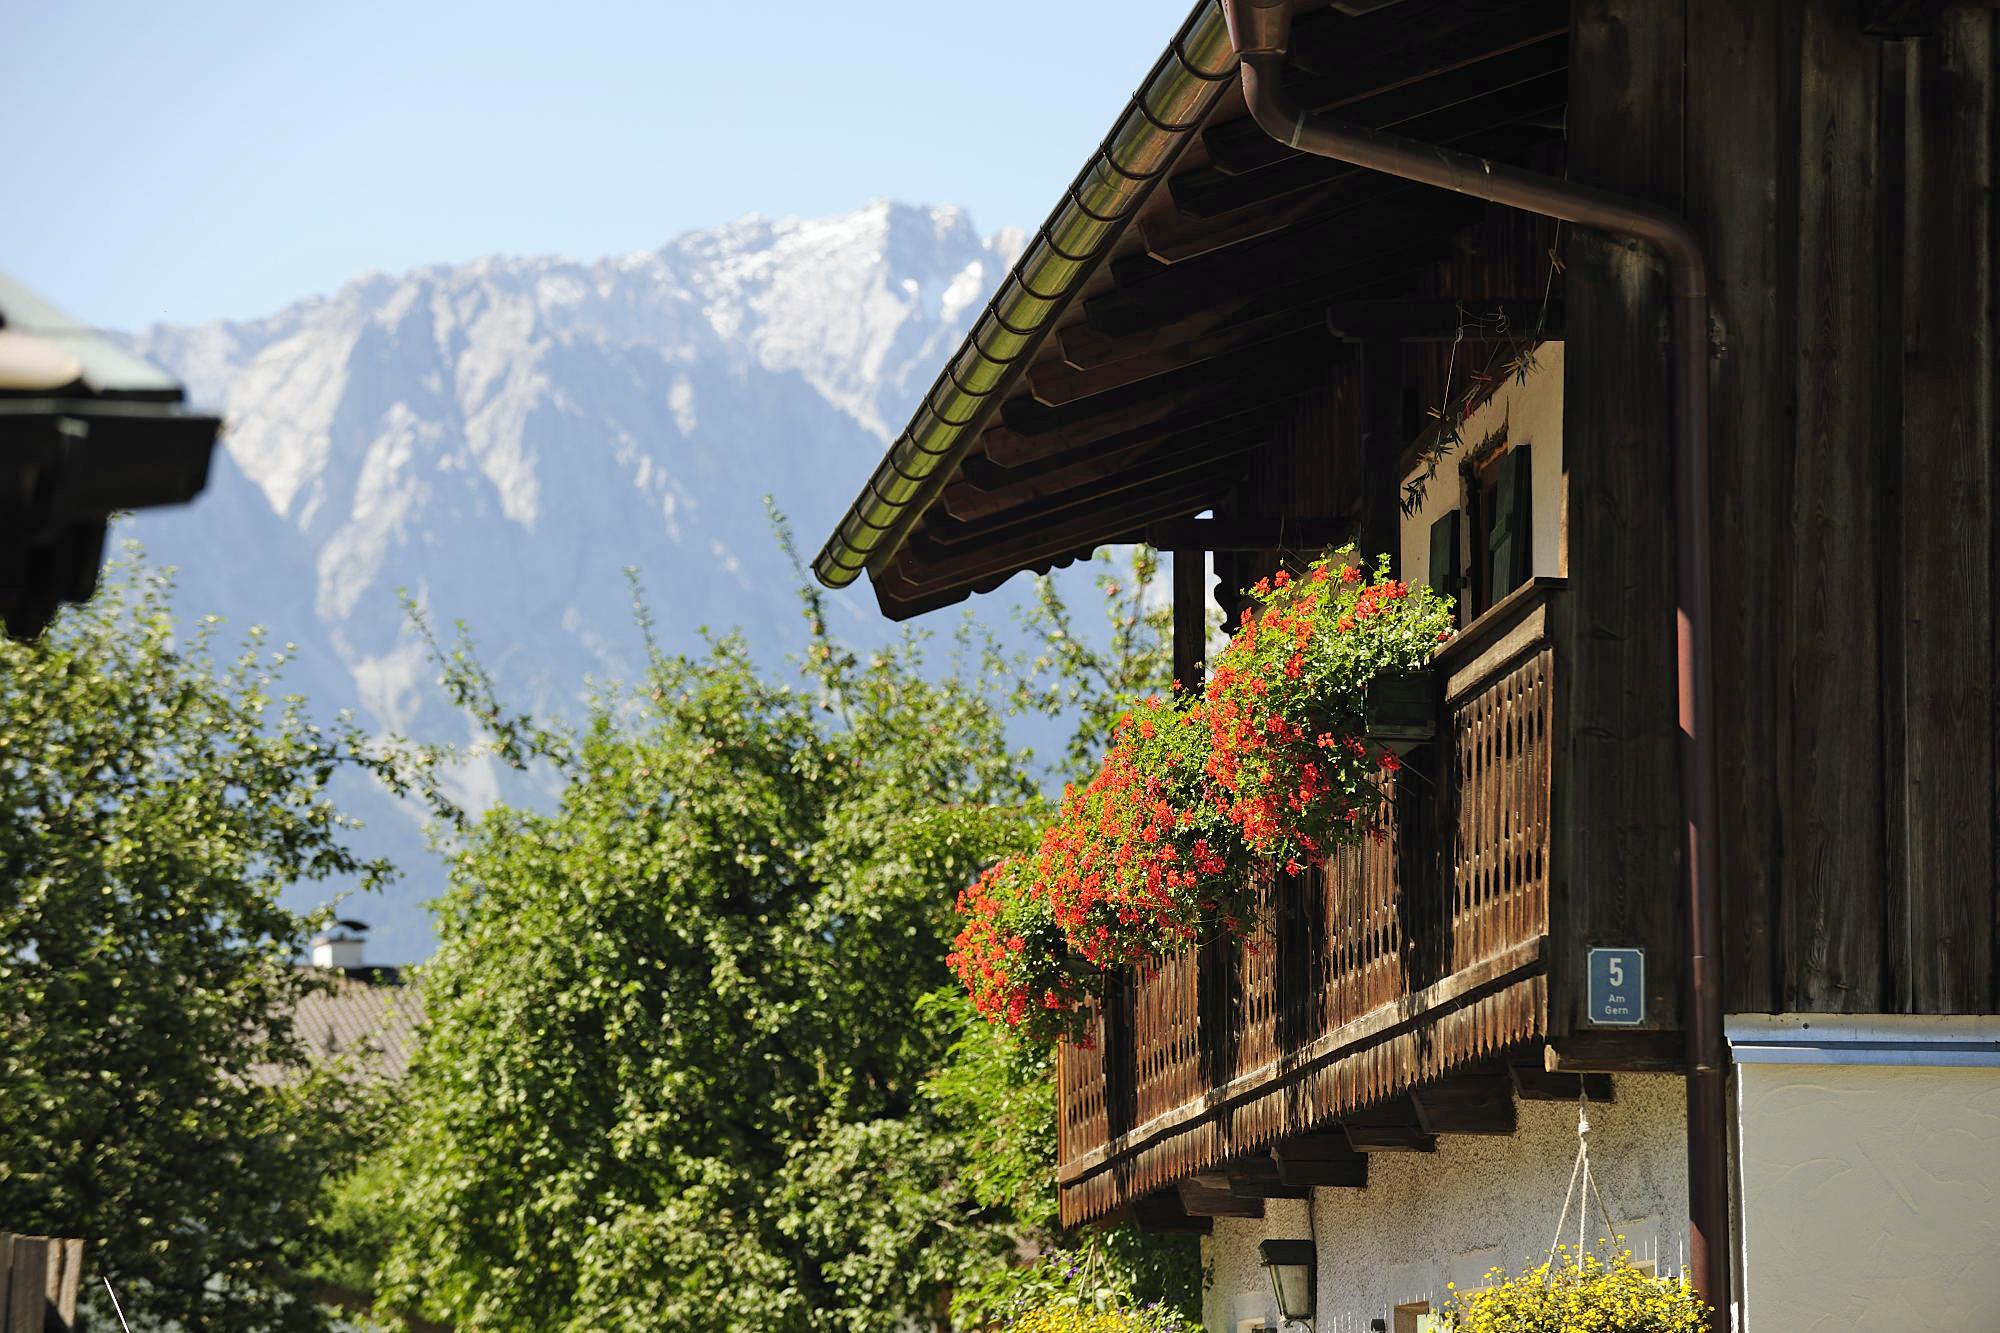 Zugspitzland Bauernhaus Alpen Bayern Blumen Berge Urlaub mit Familie